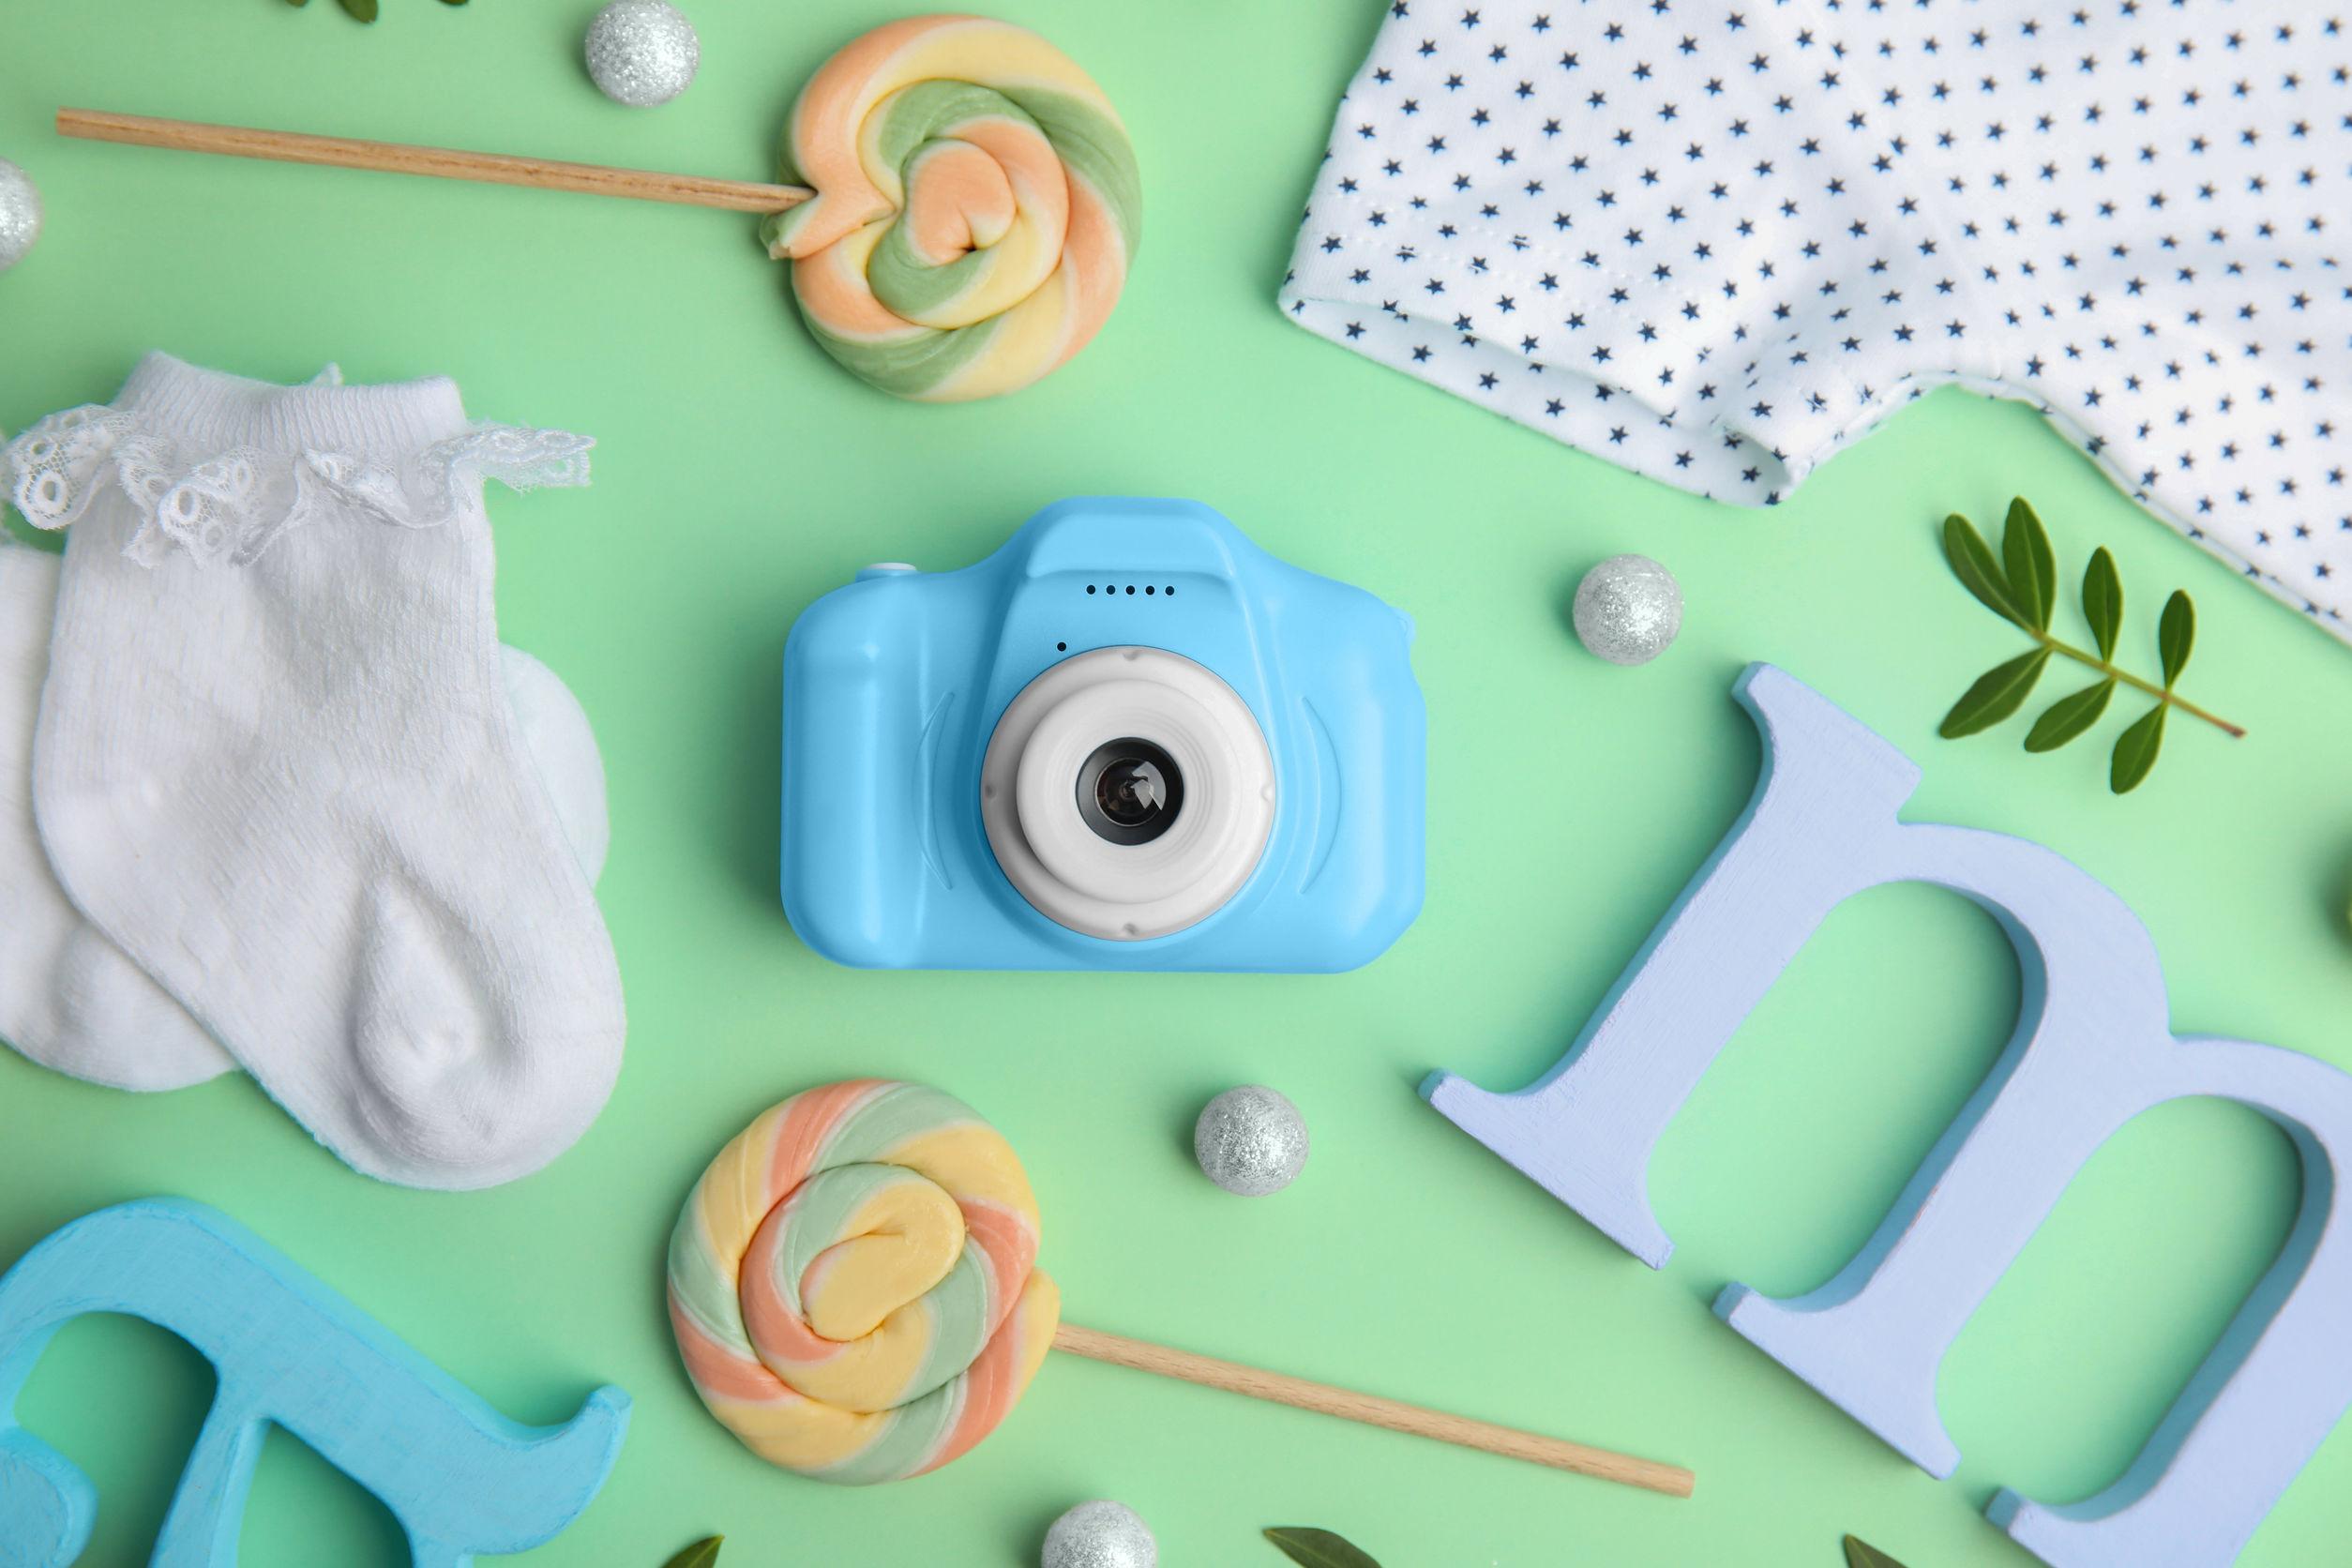 Fotoapparat-Kinder